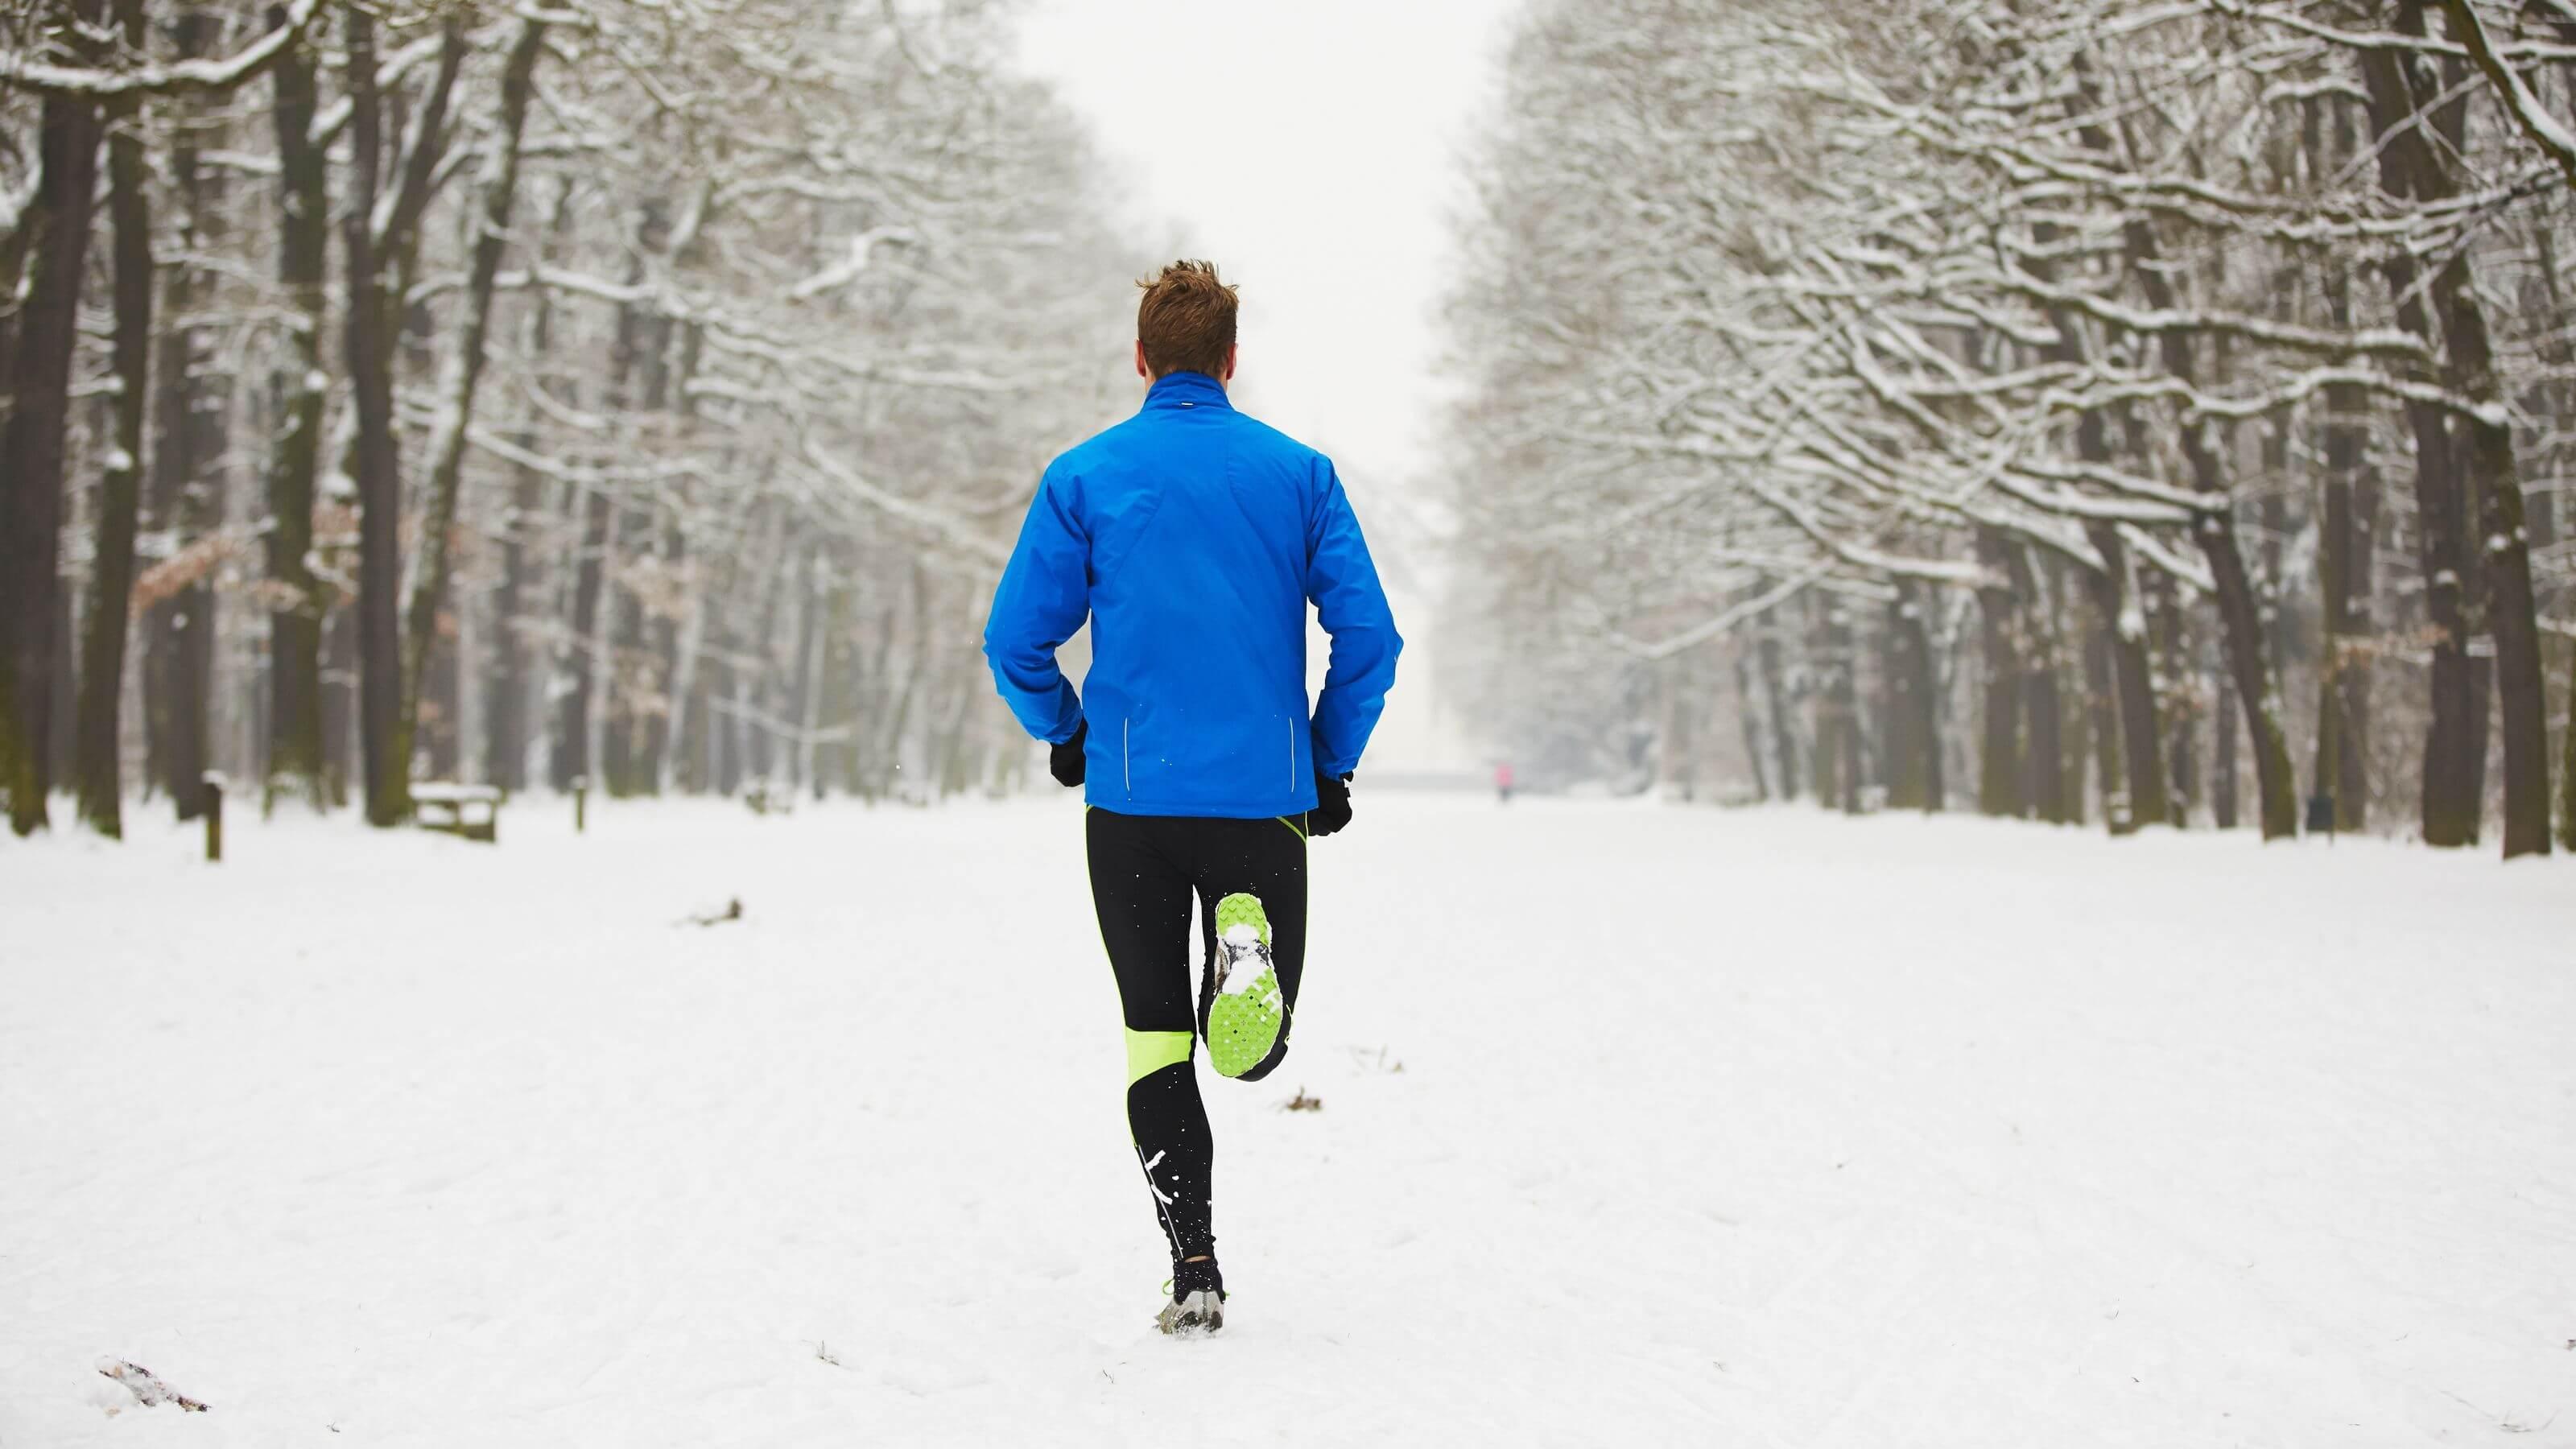 Упражнения на холоде быстрее сжигают жир